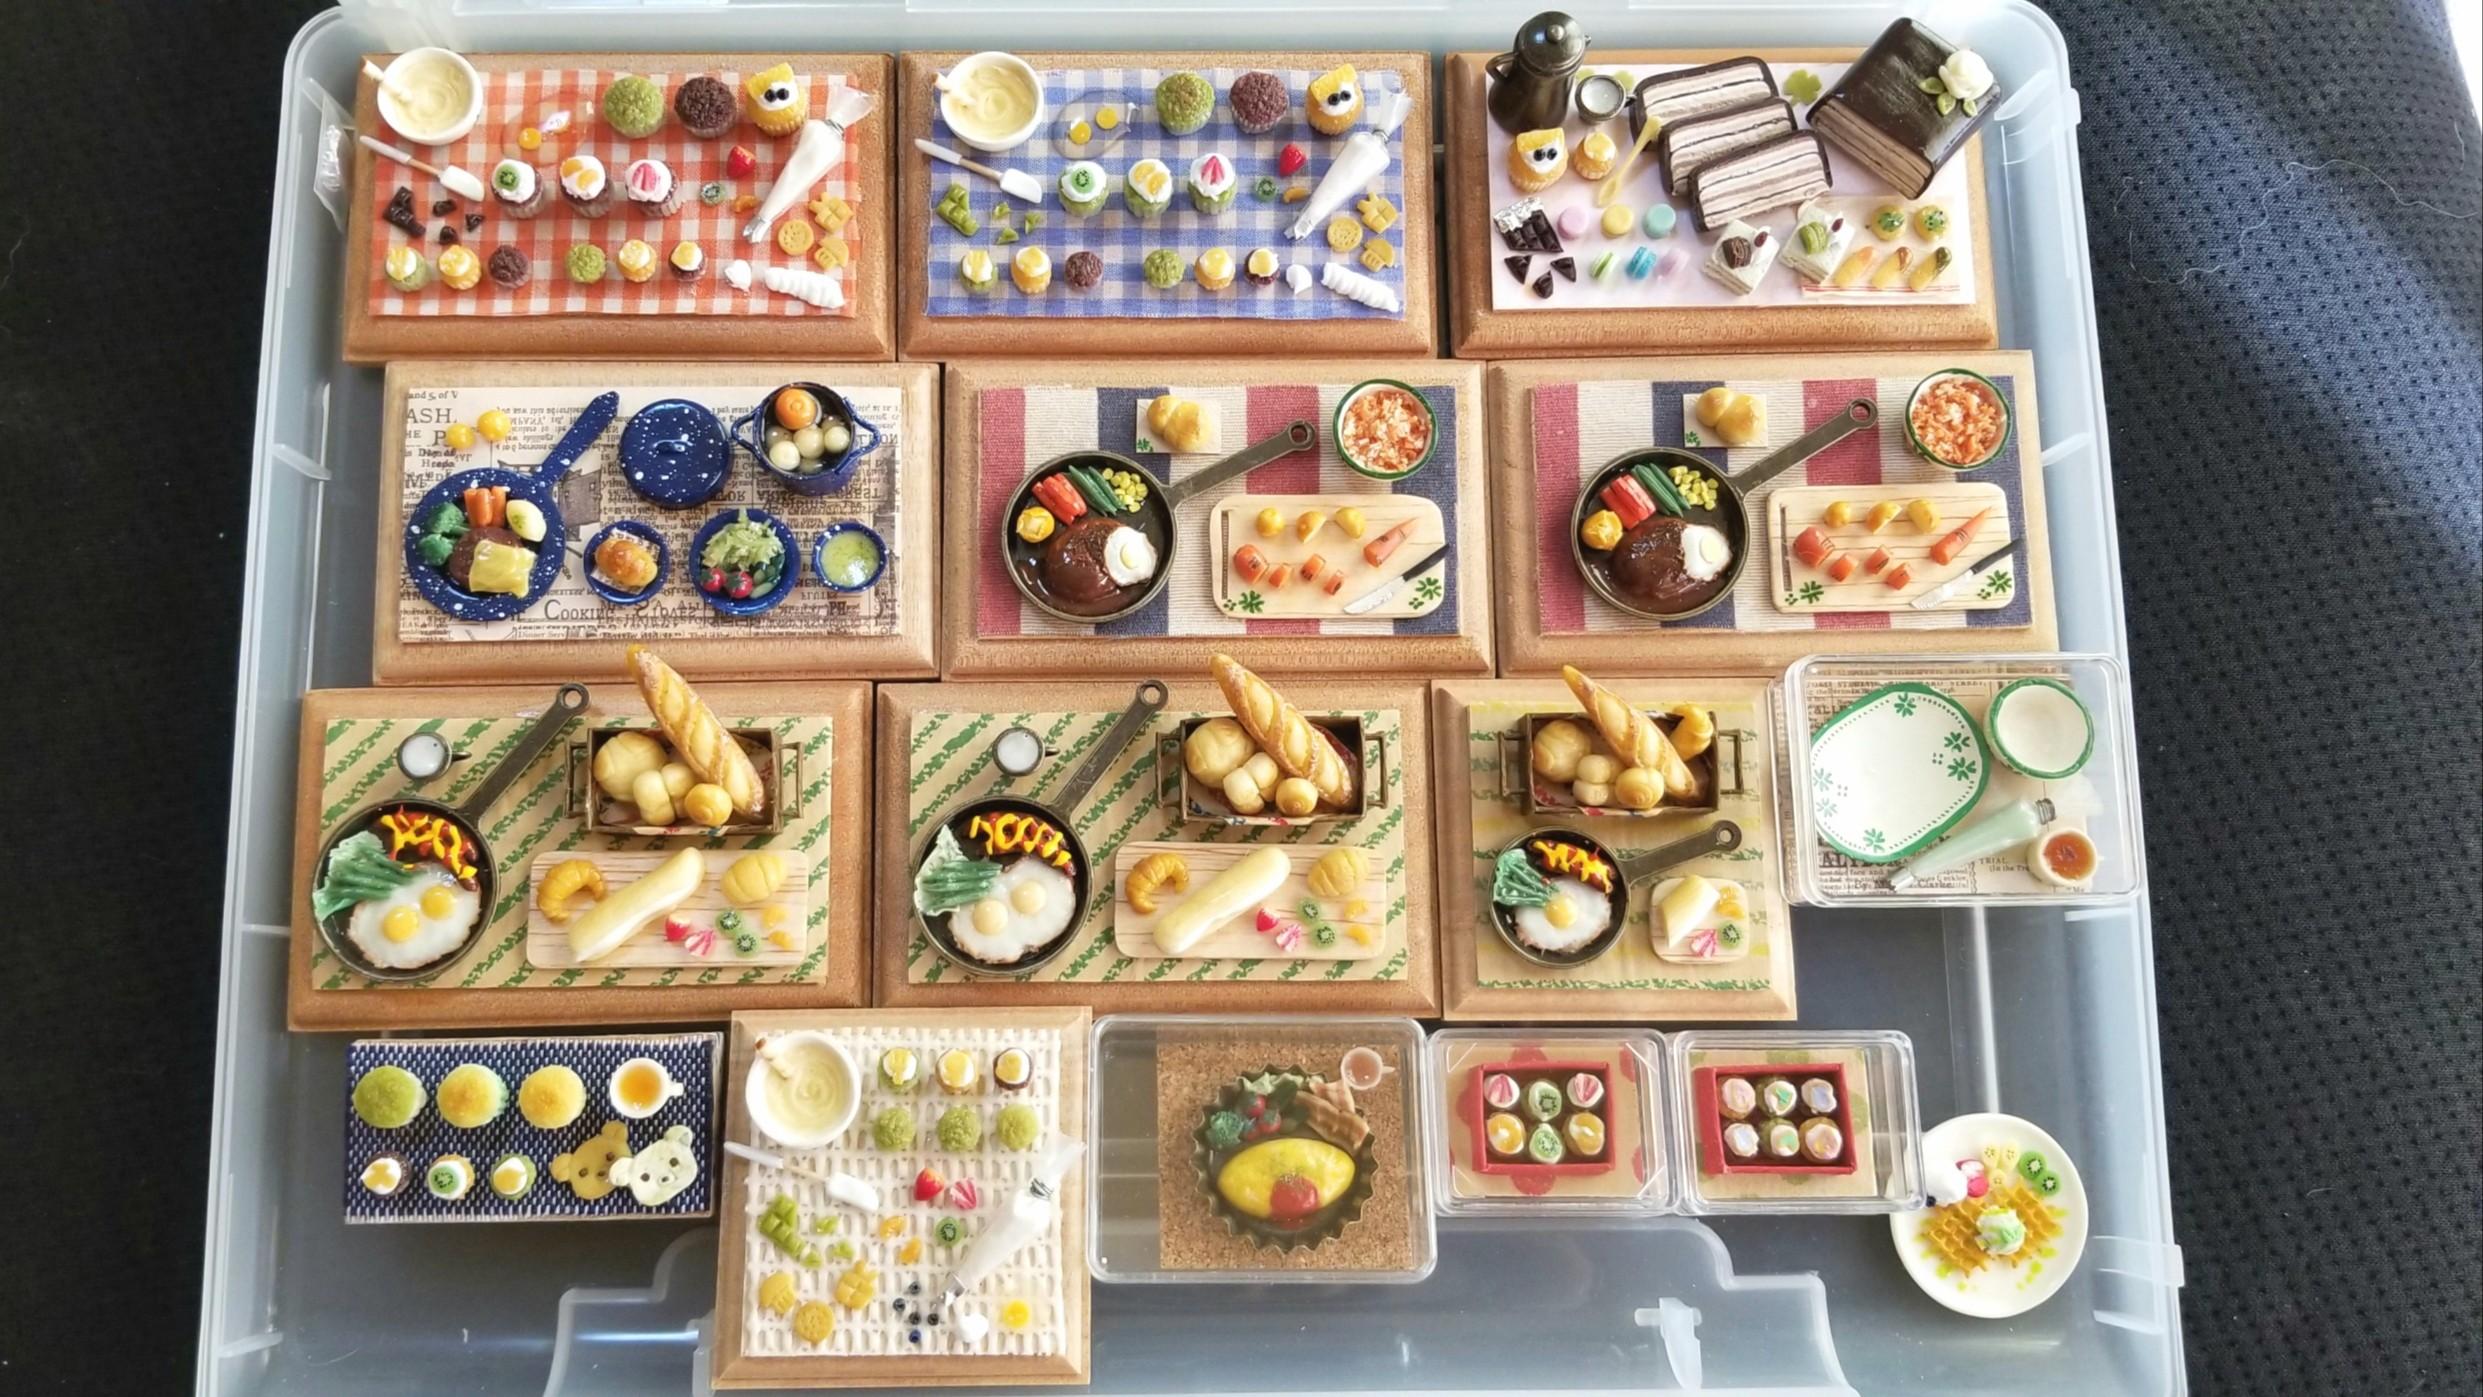 イベント用,ミニチュアフード,樹脂粘土,全作品,食品サンプル,食玩